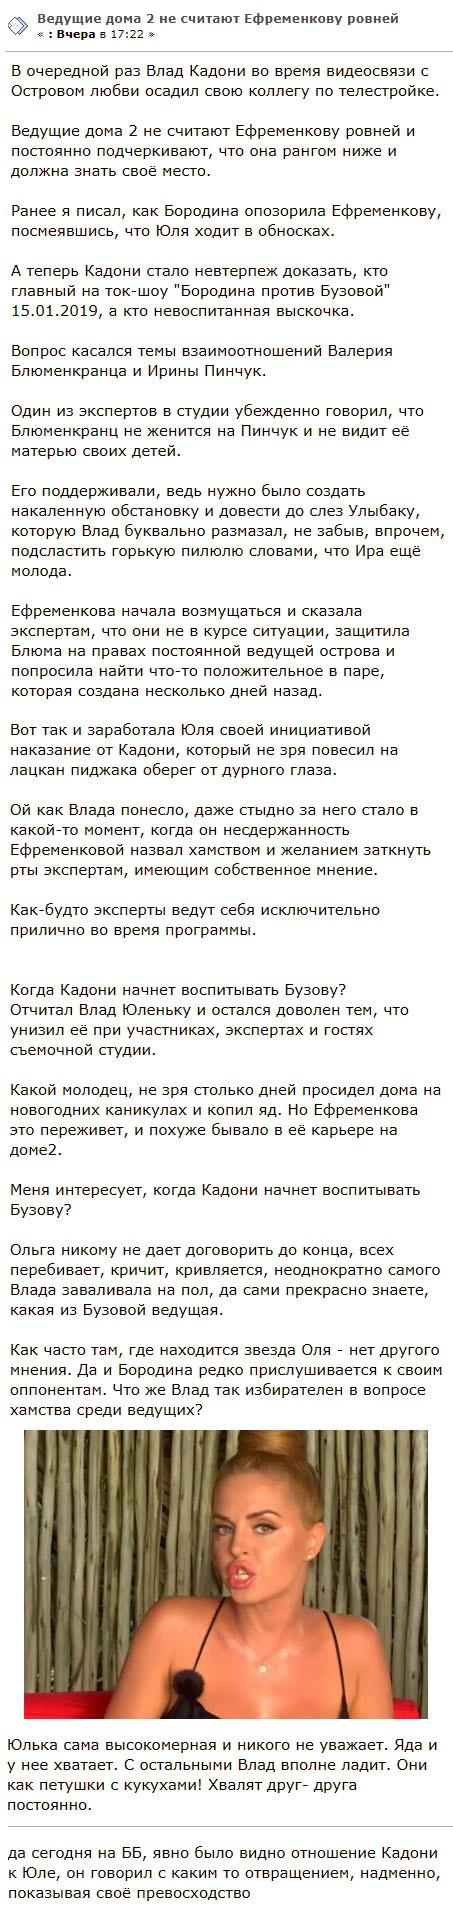 Влад Кадони унизил Юлию Ефременкову прямо в эфире